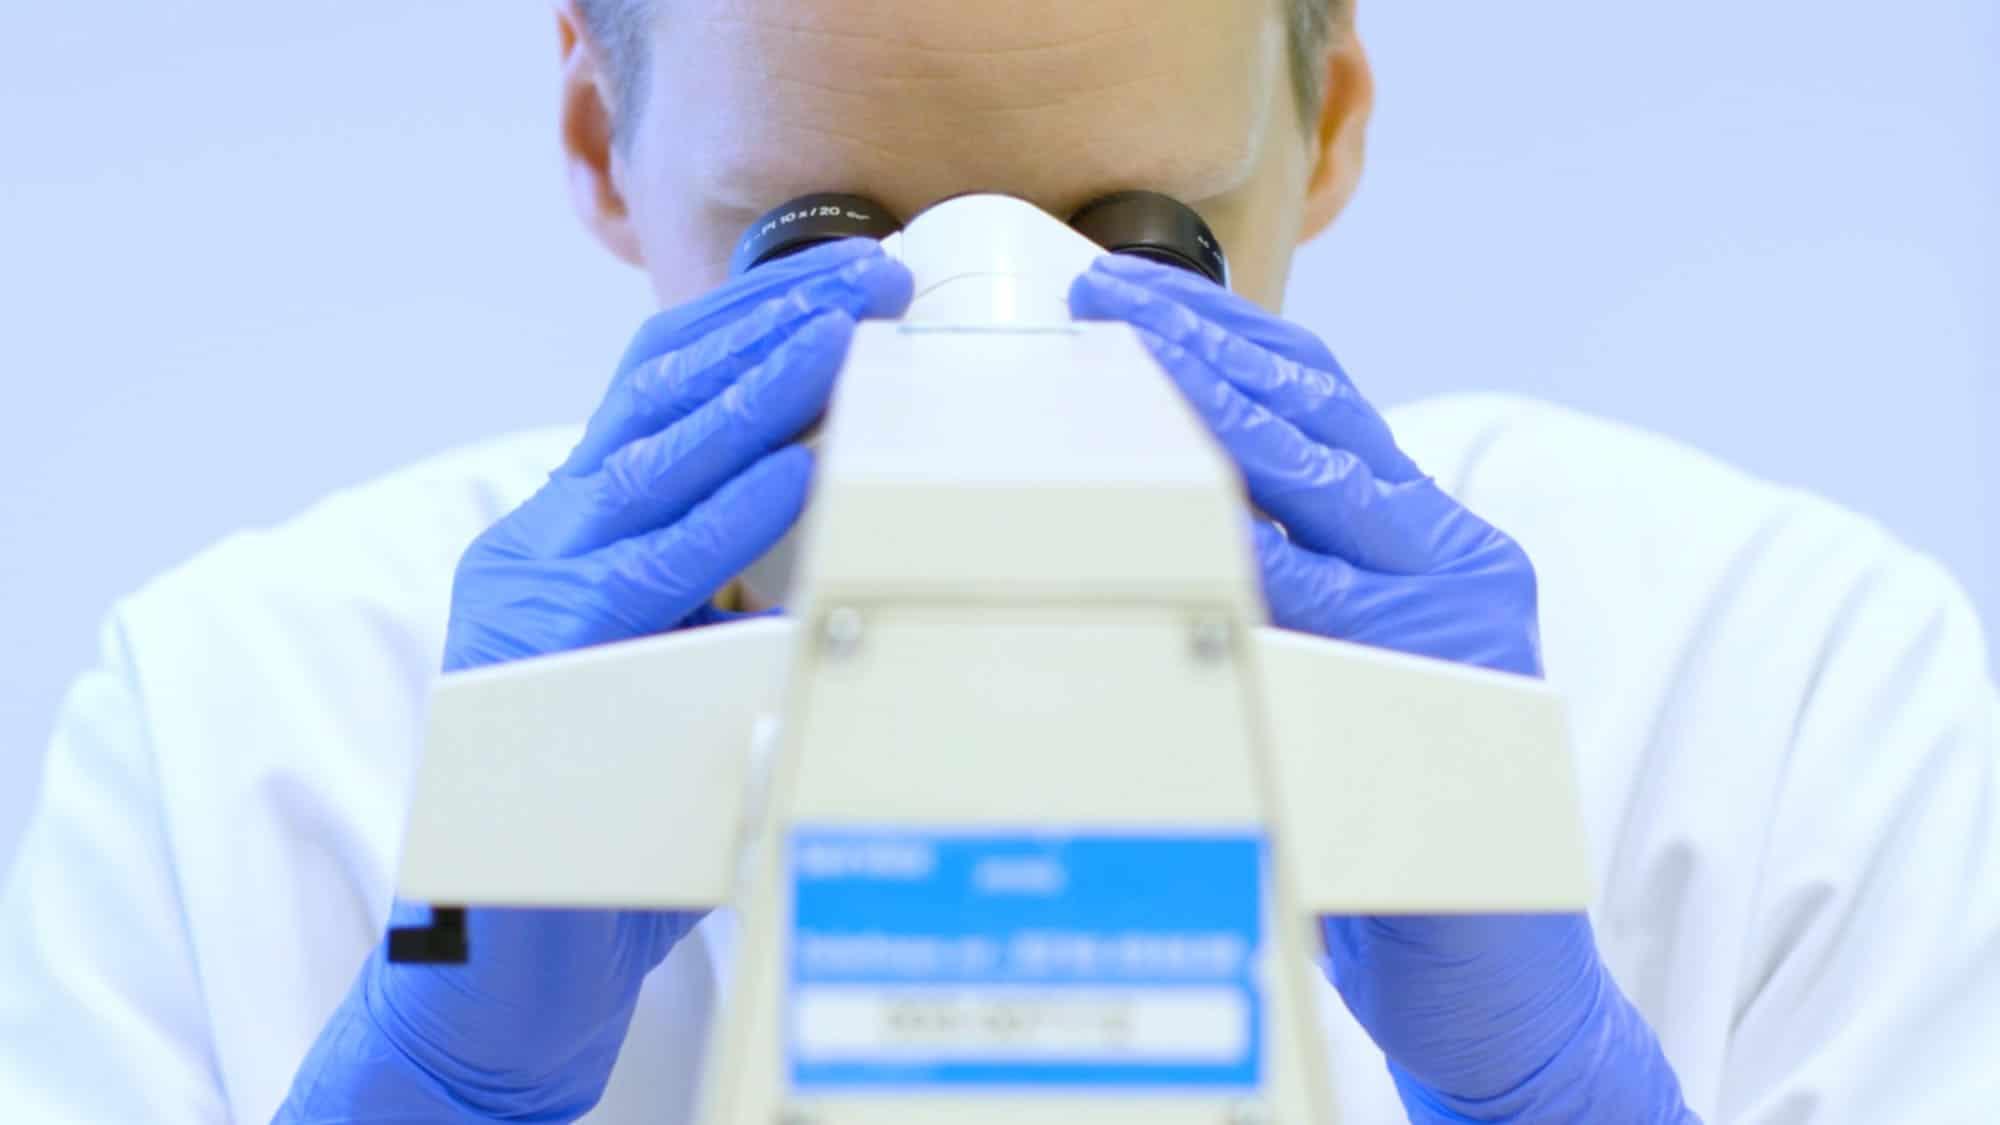 Een laborant analyseert bloed met hulp van een microscoop